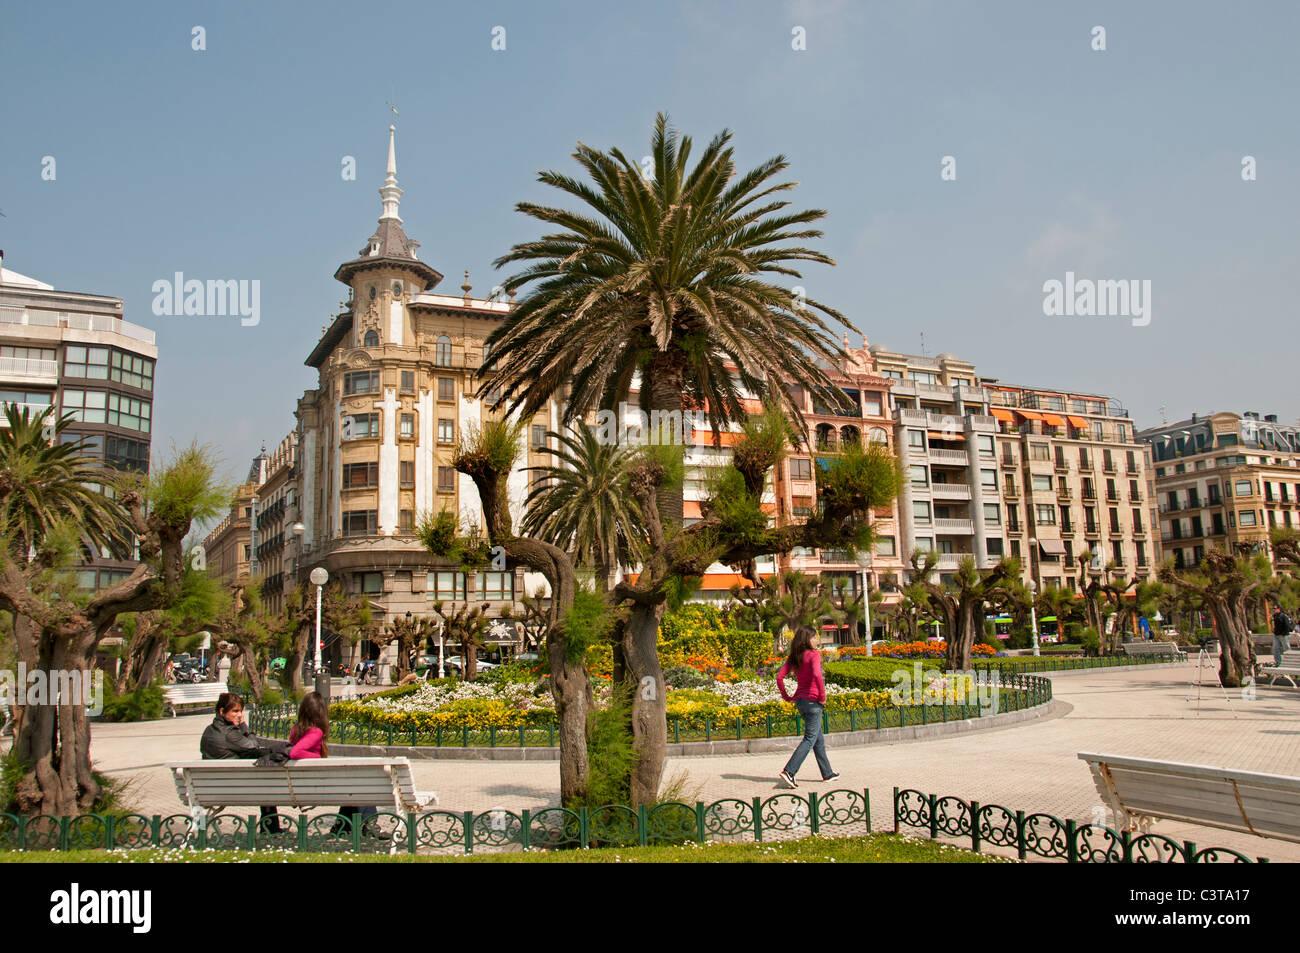 Parque de Alderi Eder Garden San Sebastian Spain Spanish Basque ...